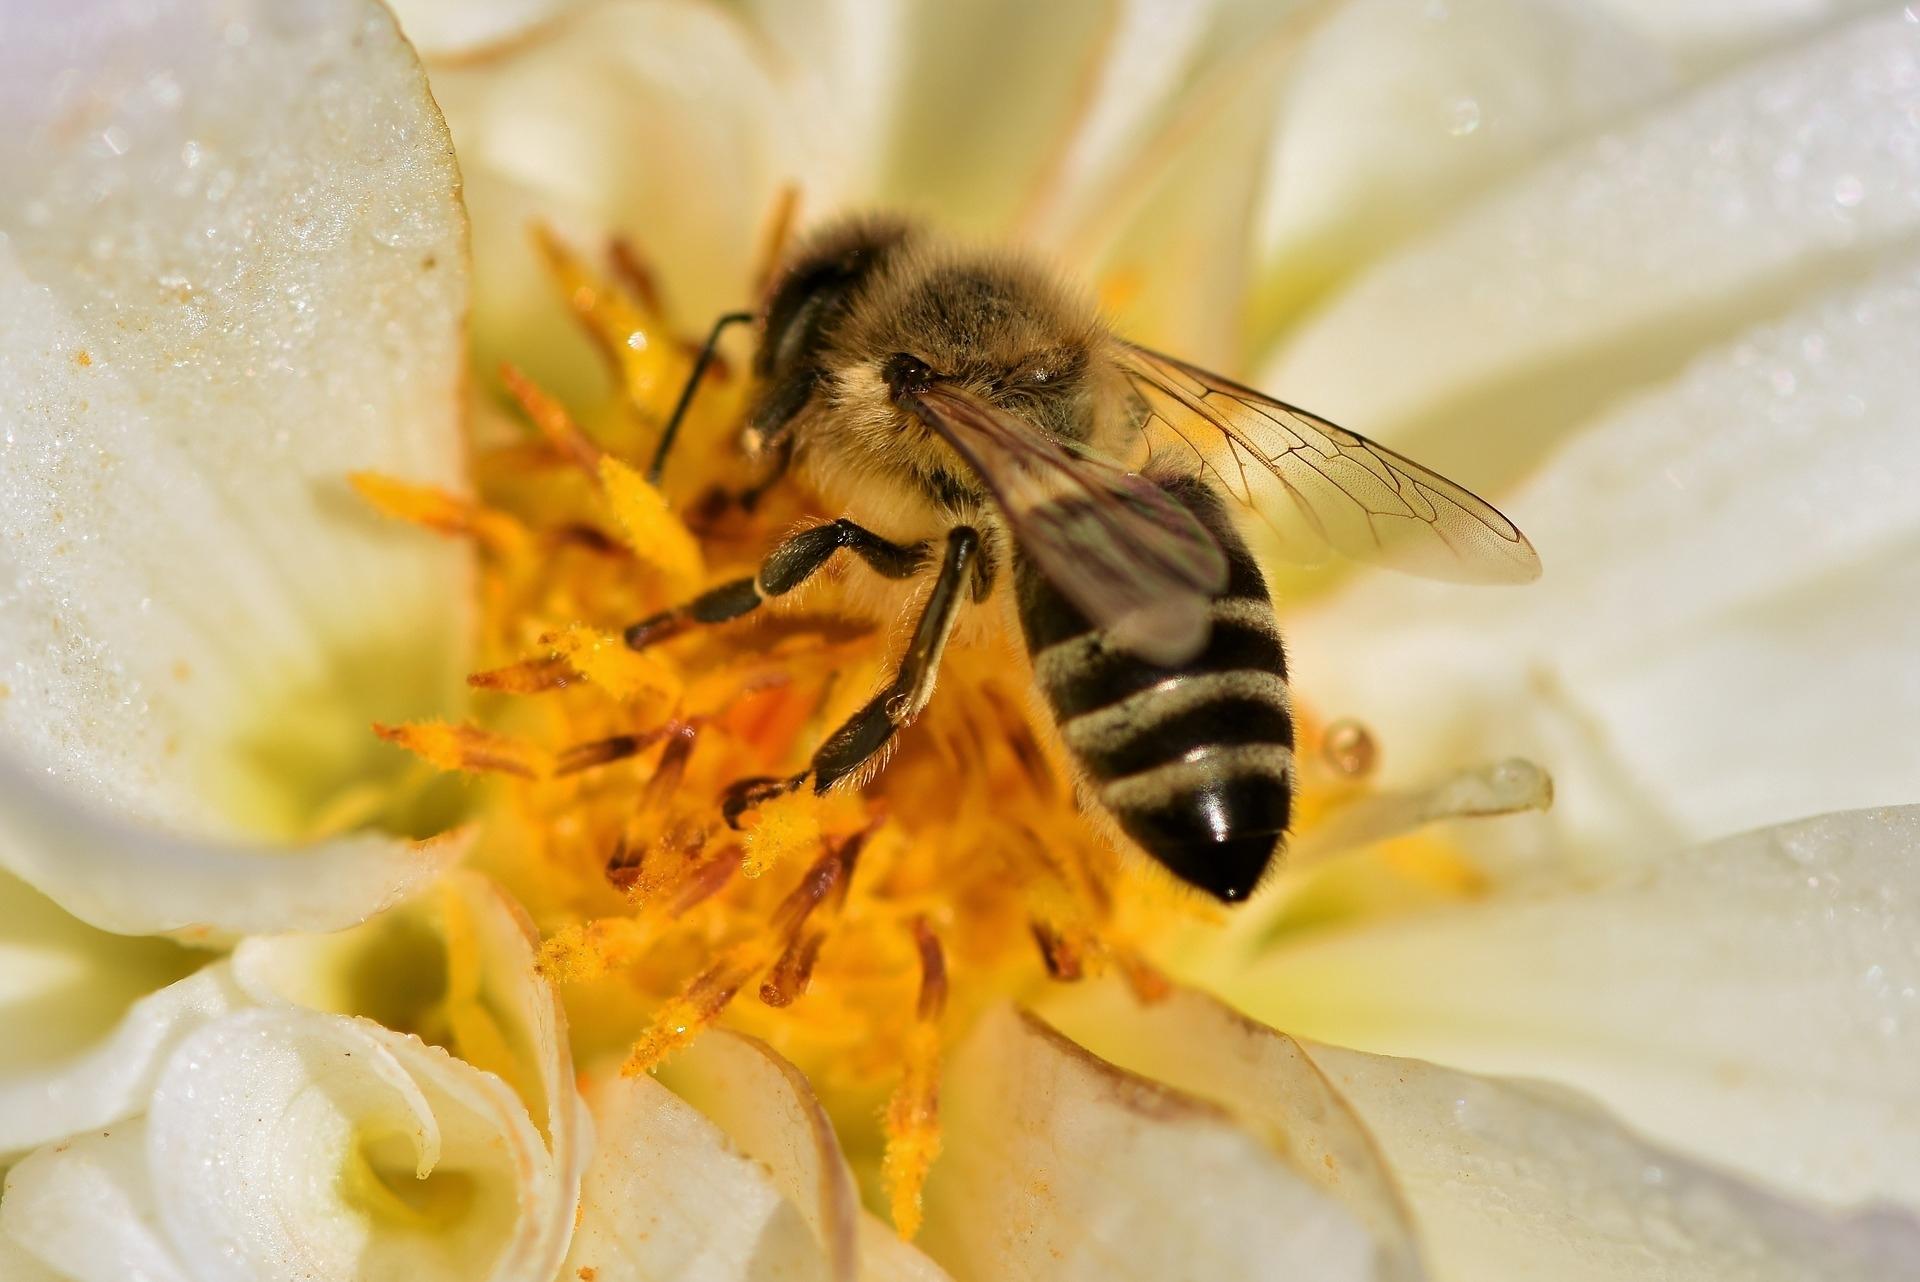 Pčele život znače